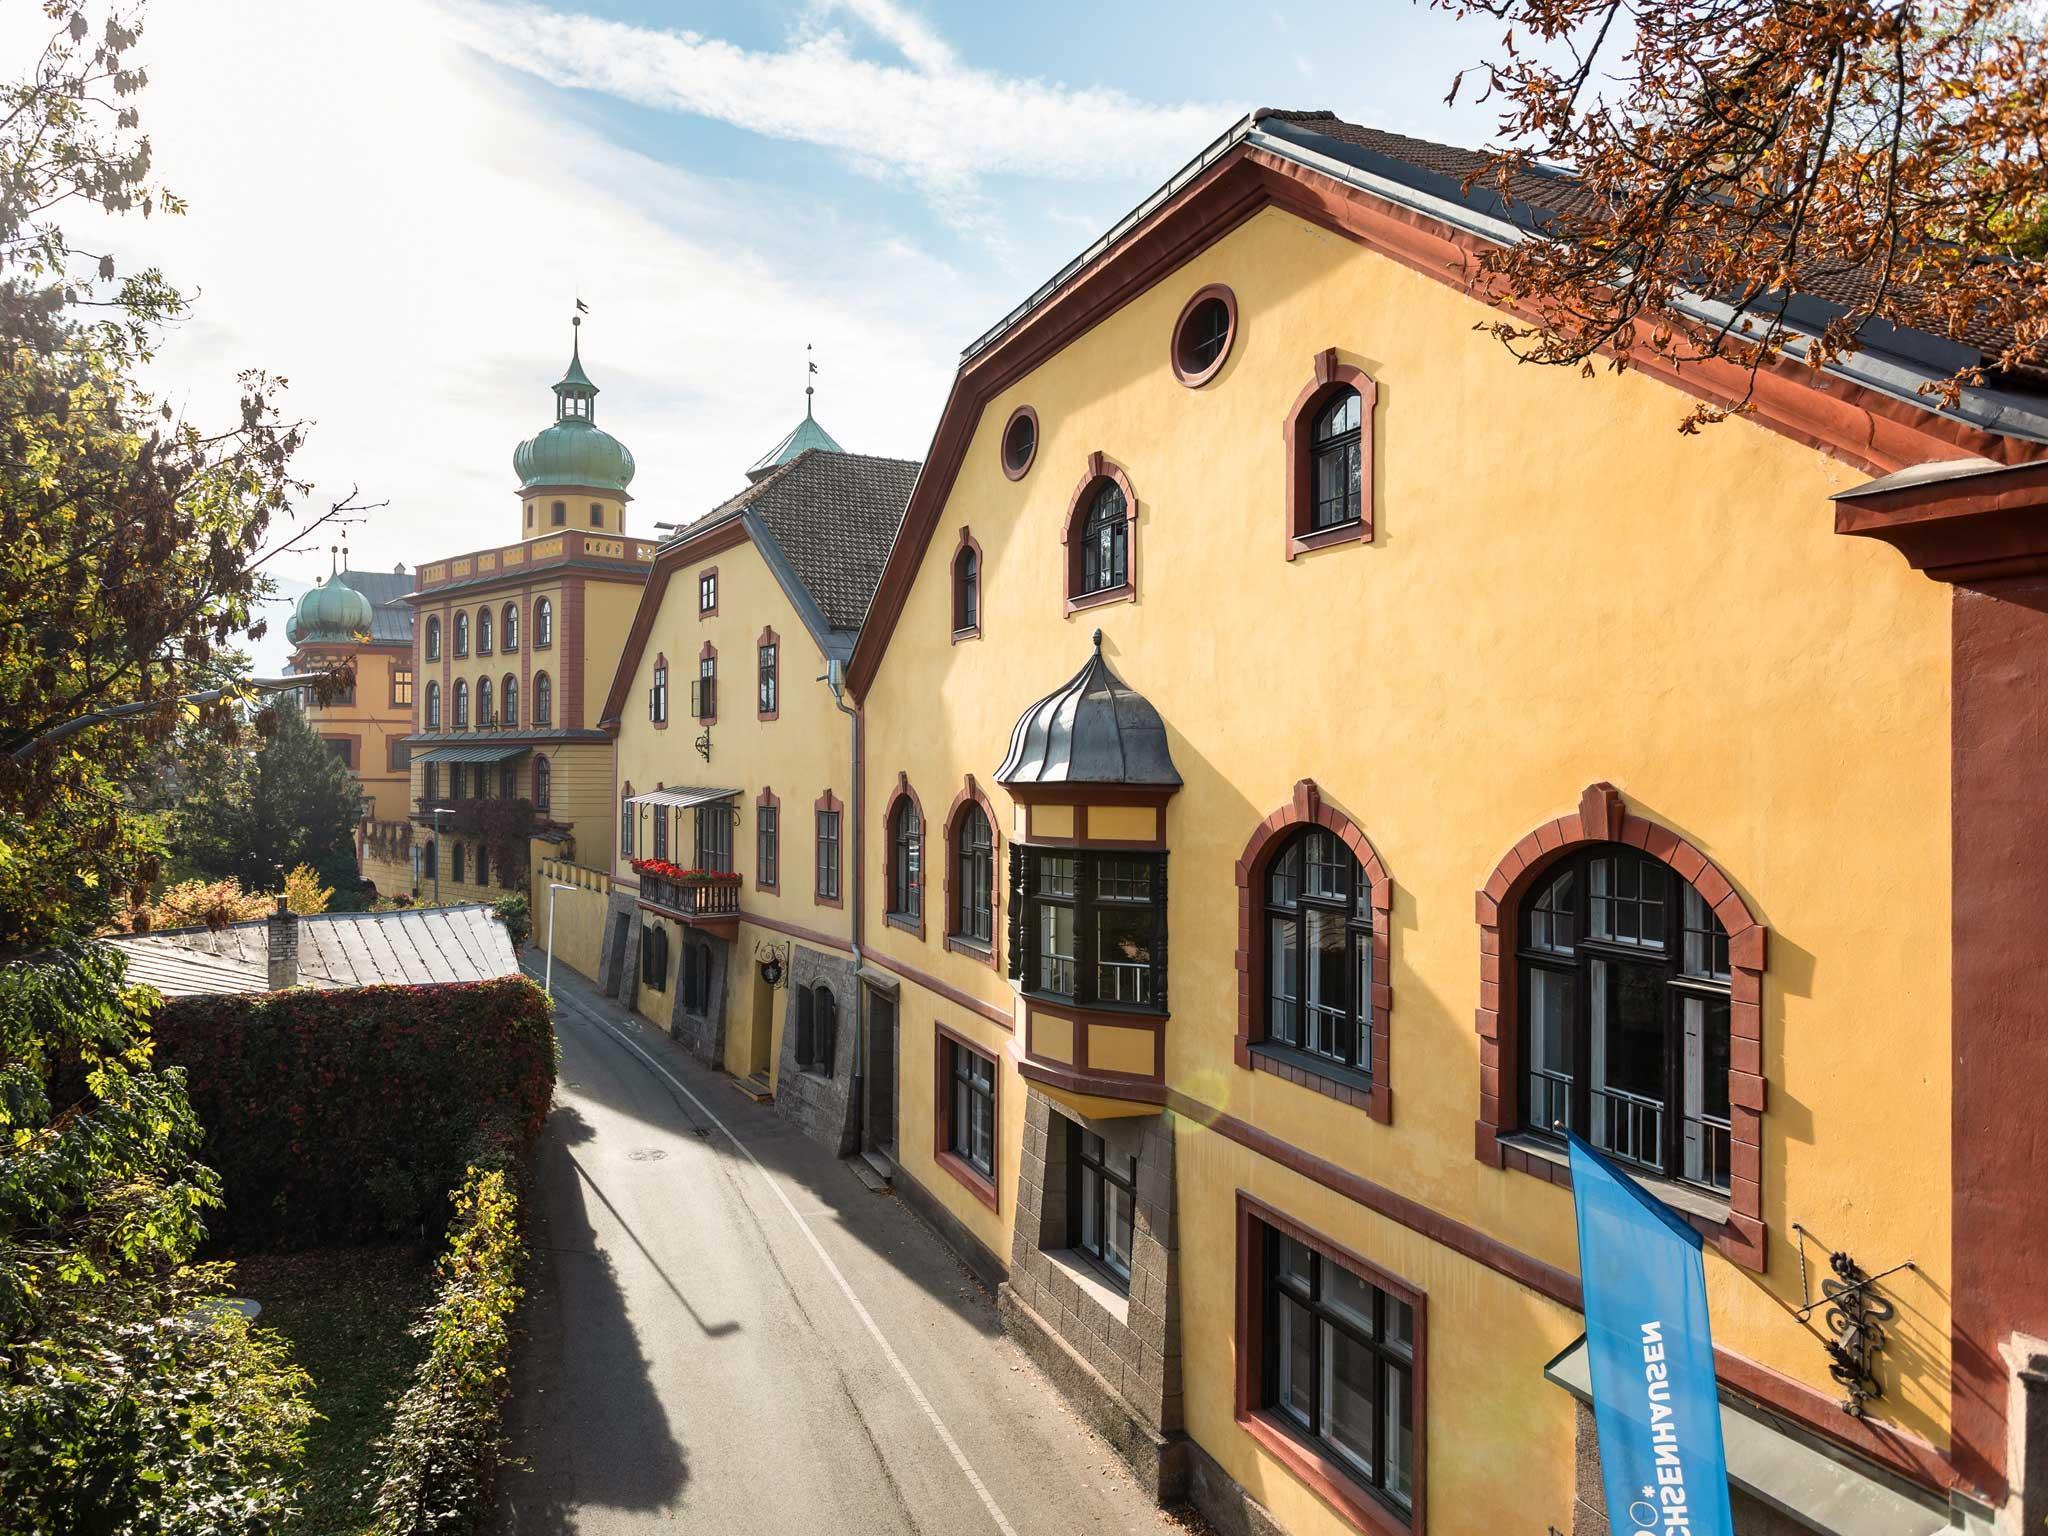 Künstlerhaus Büchsenhausen